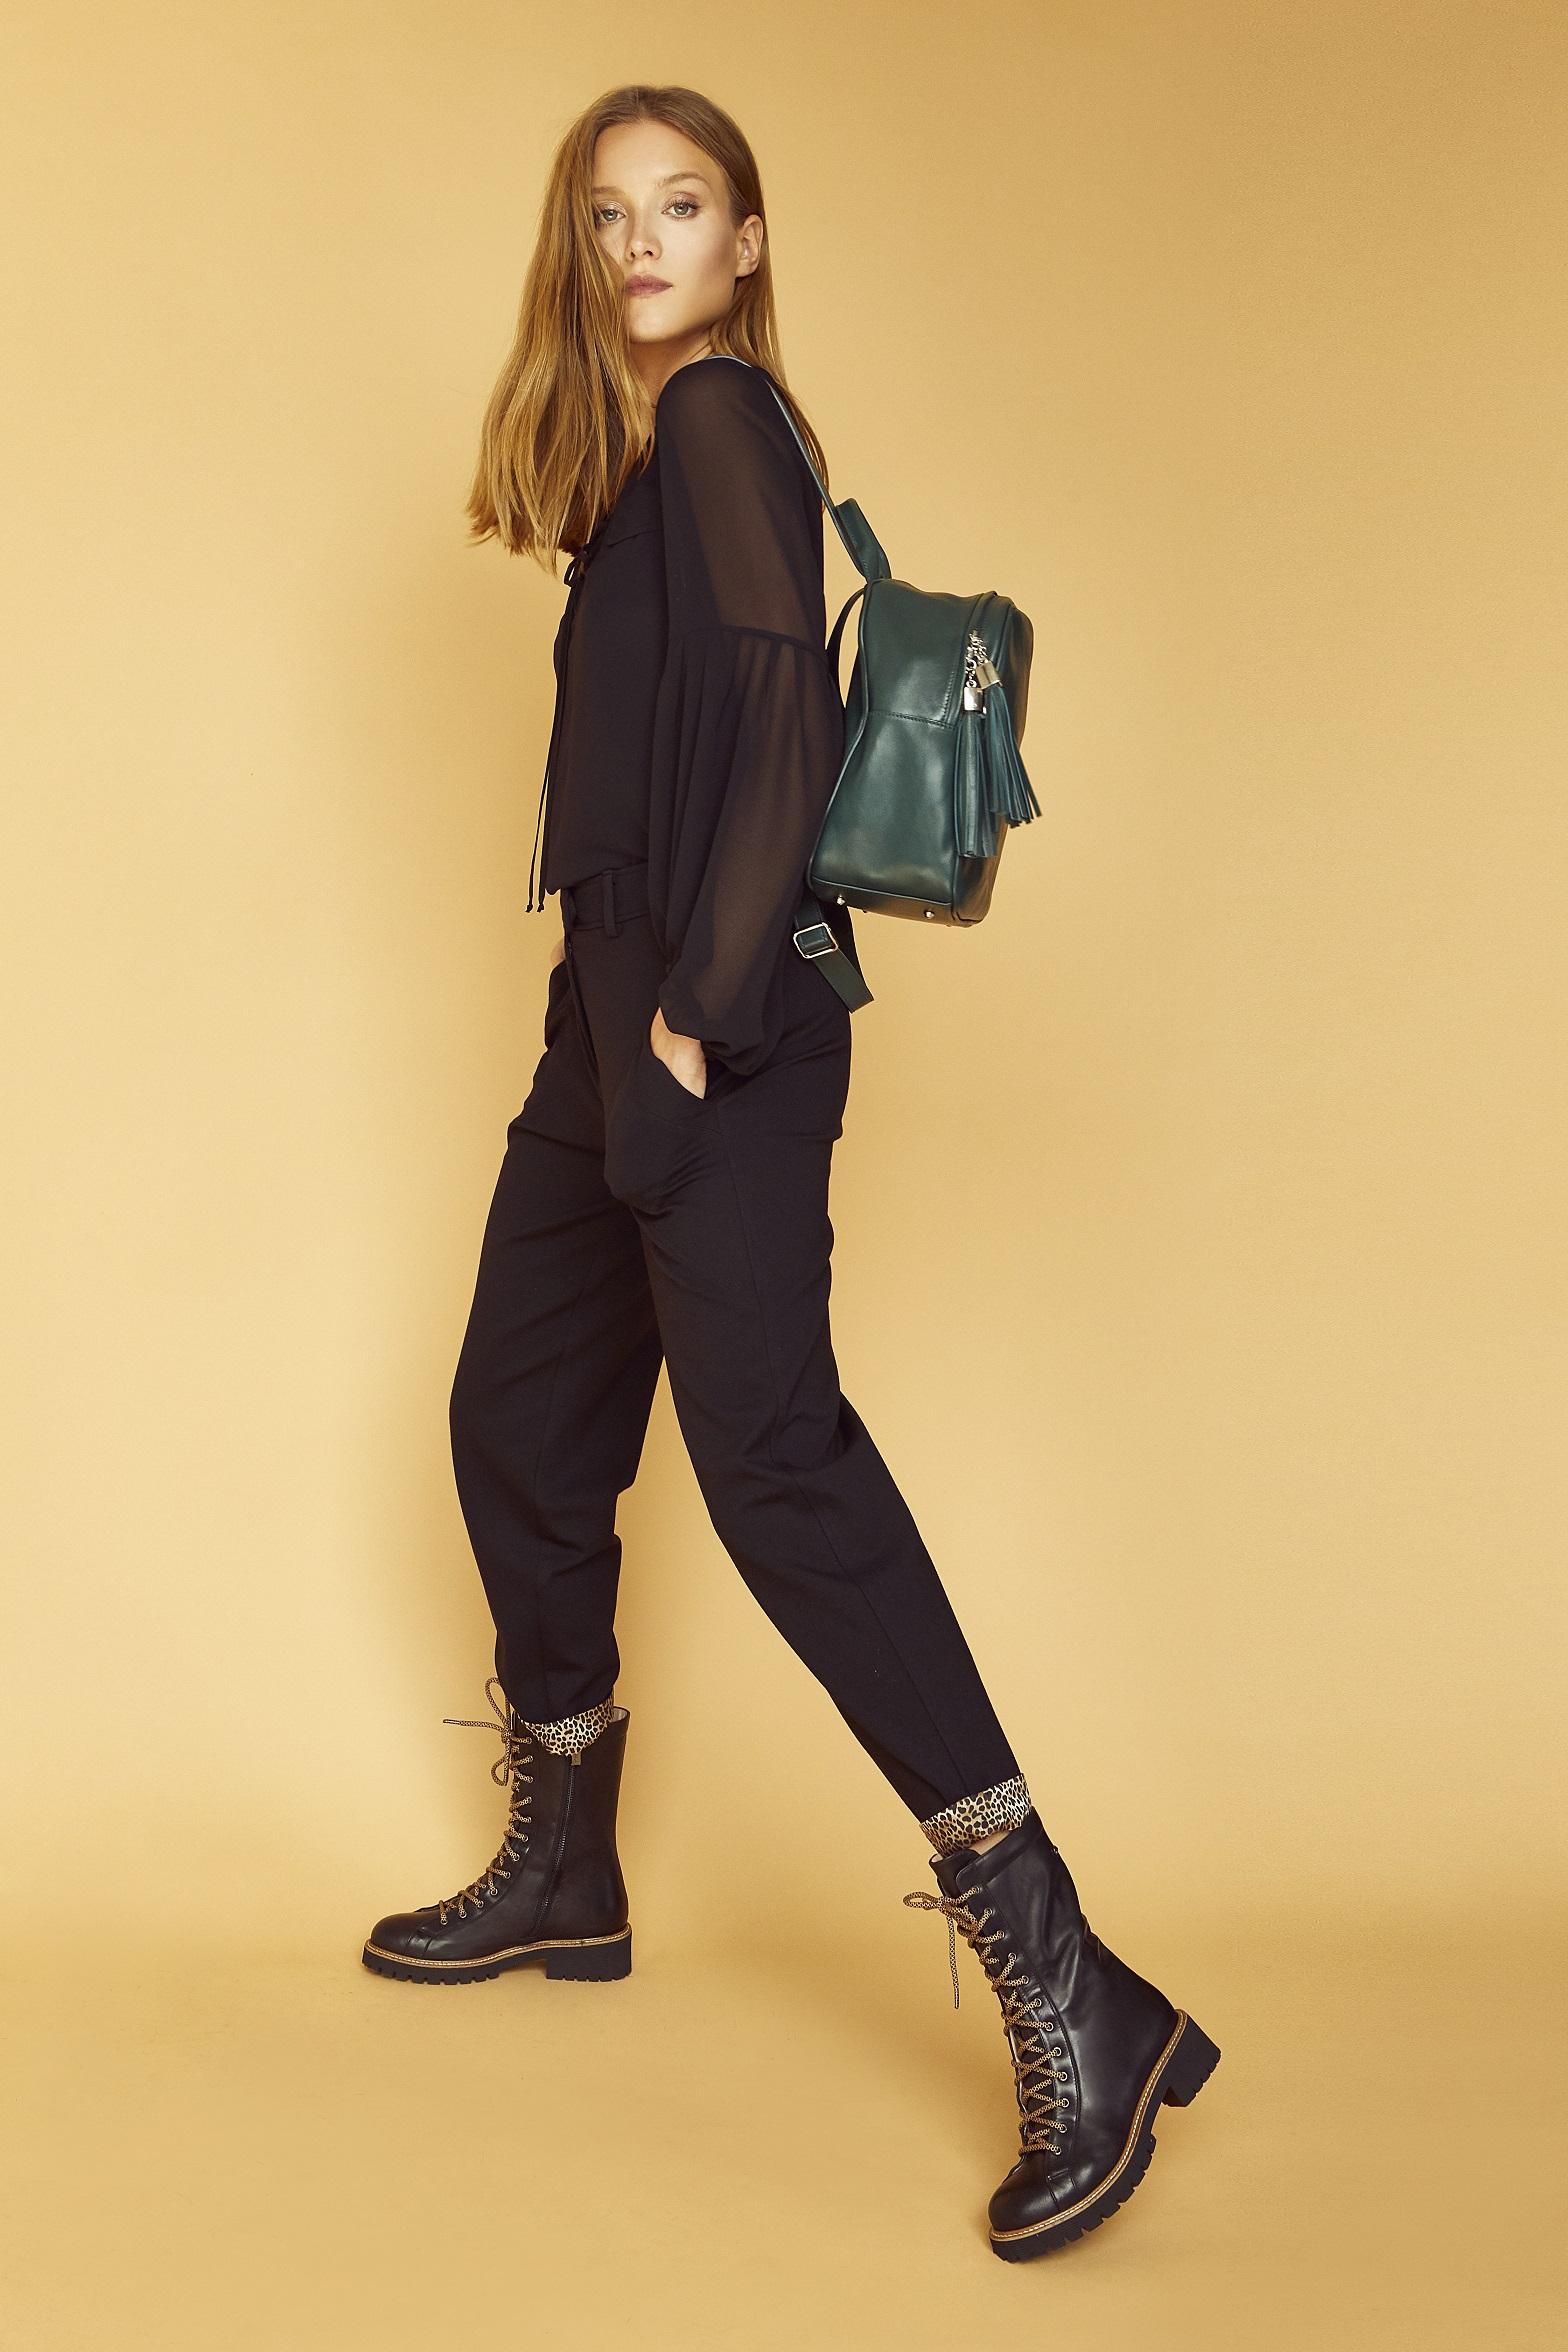 FIORANGELO collezione donna 11 74207 B 74954 boot nero fw20-21 copertina